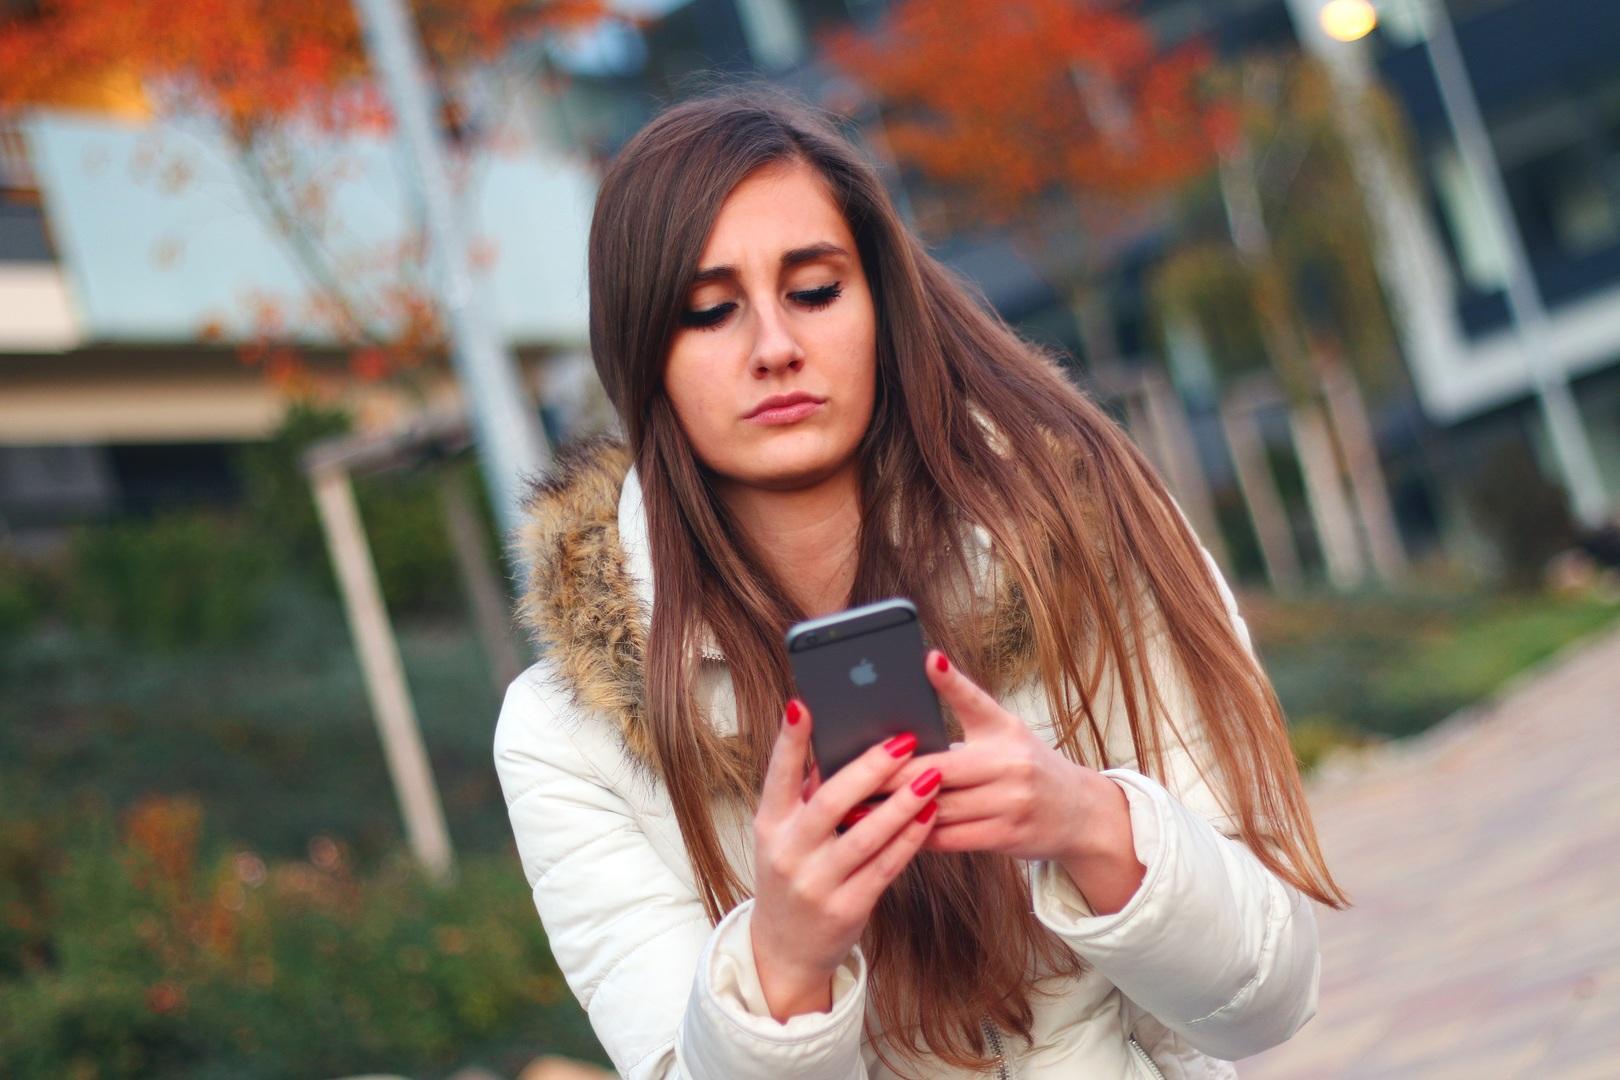 Вызываютли мобильные телефоны рак мозга? Уврачей нет однозначного ответа